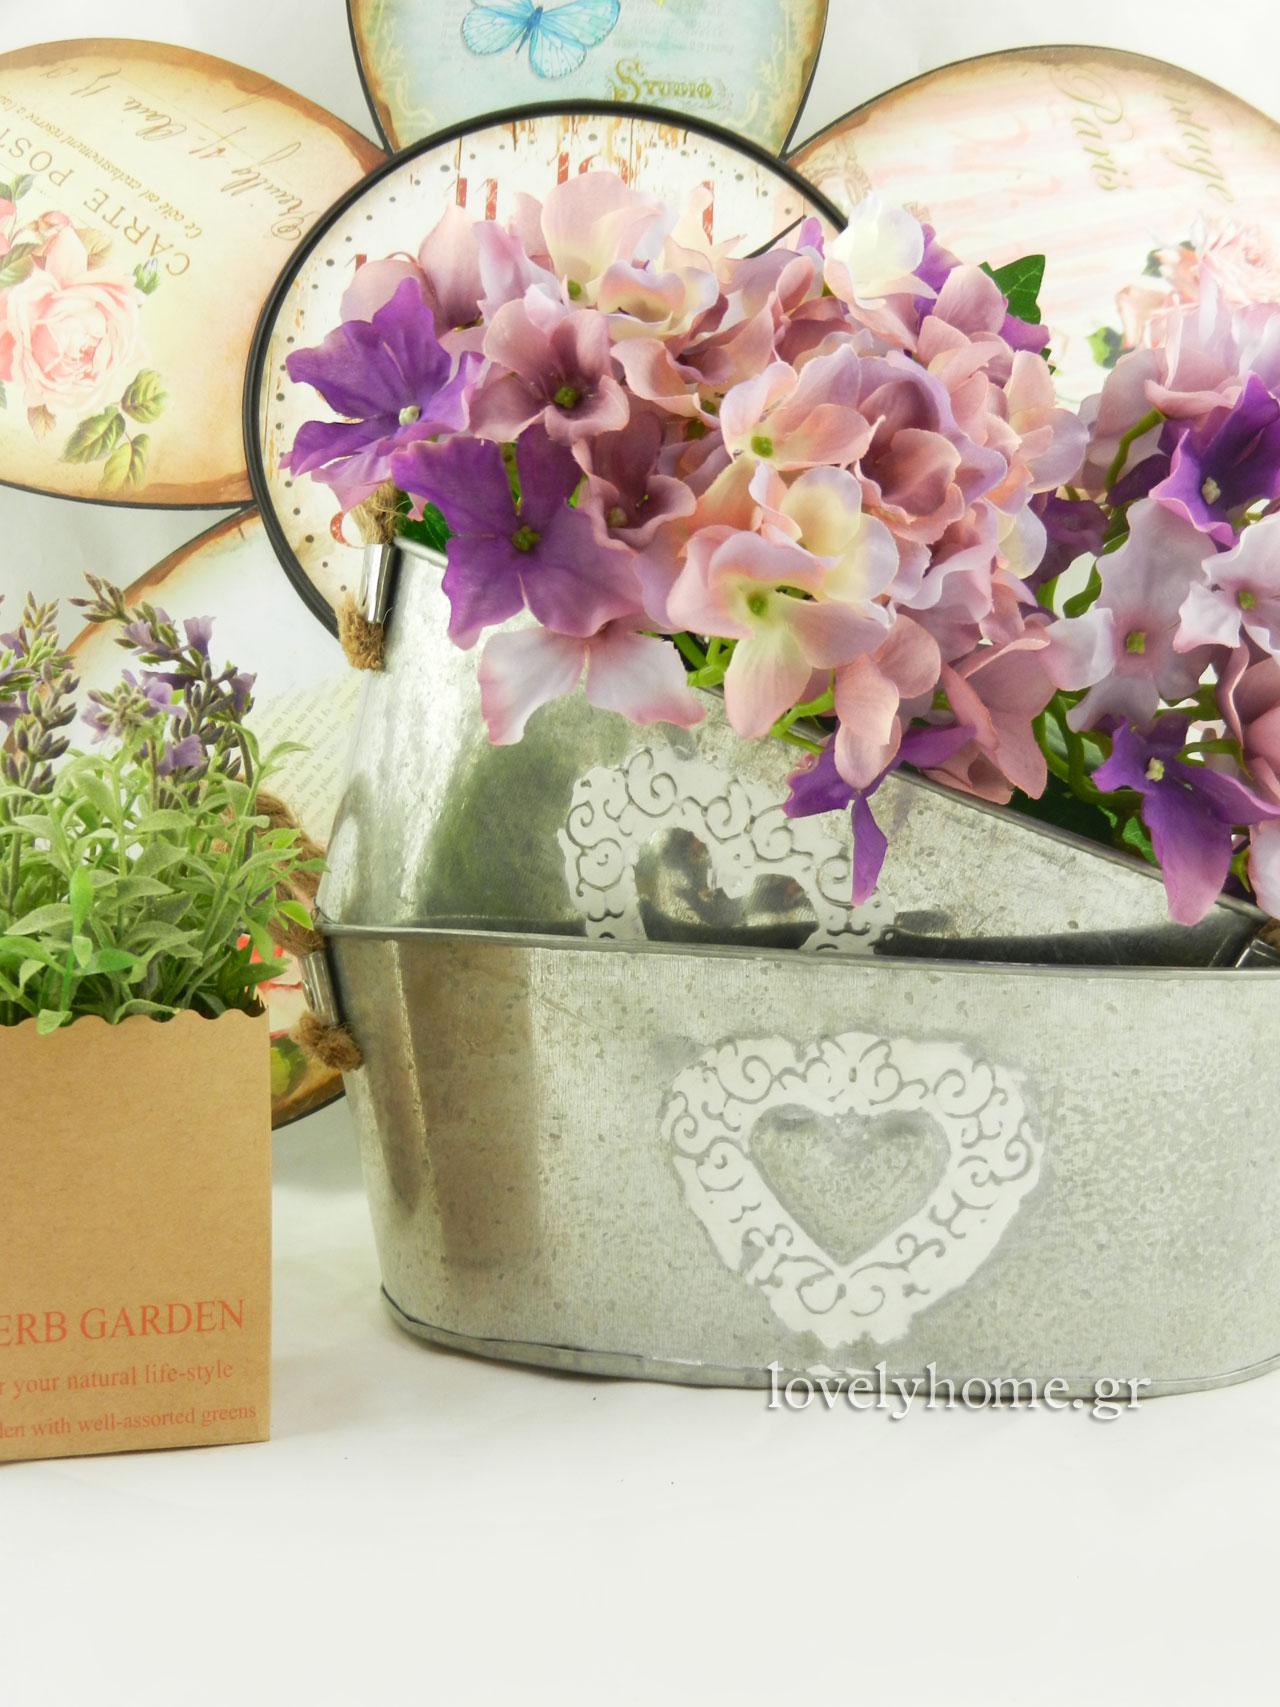 Μεταλλικά κασπώ οβάλ και τεχνητά λουλούδια